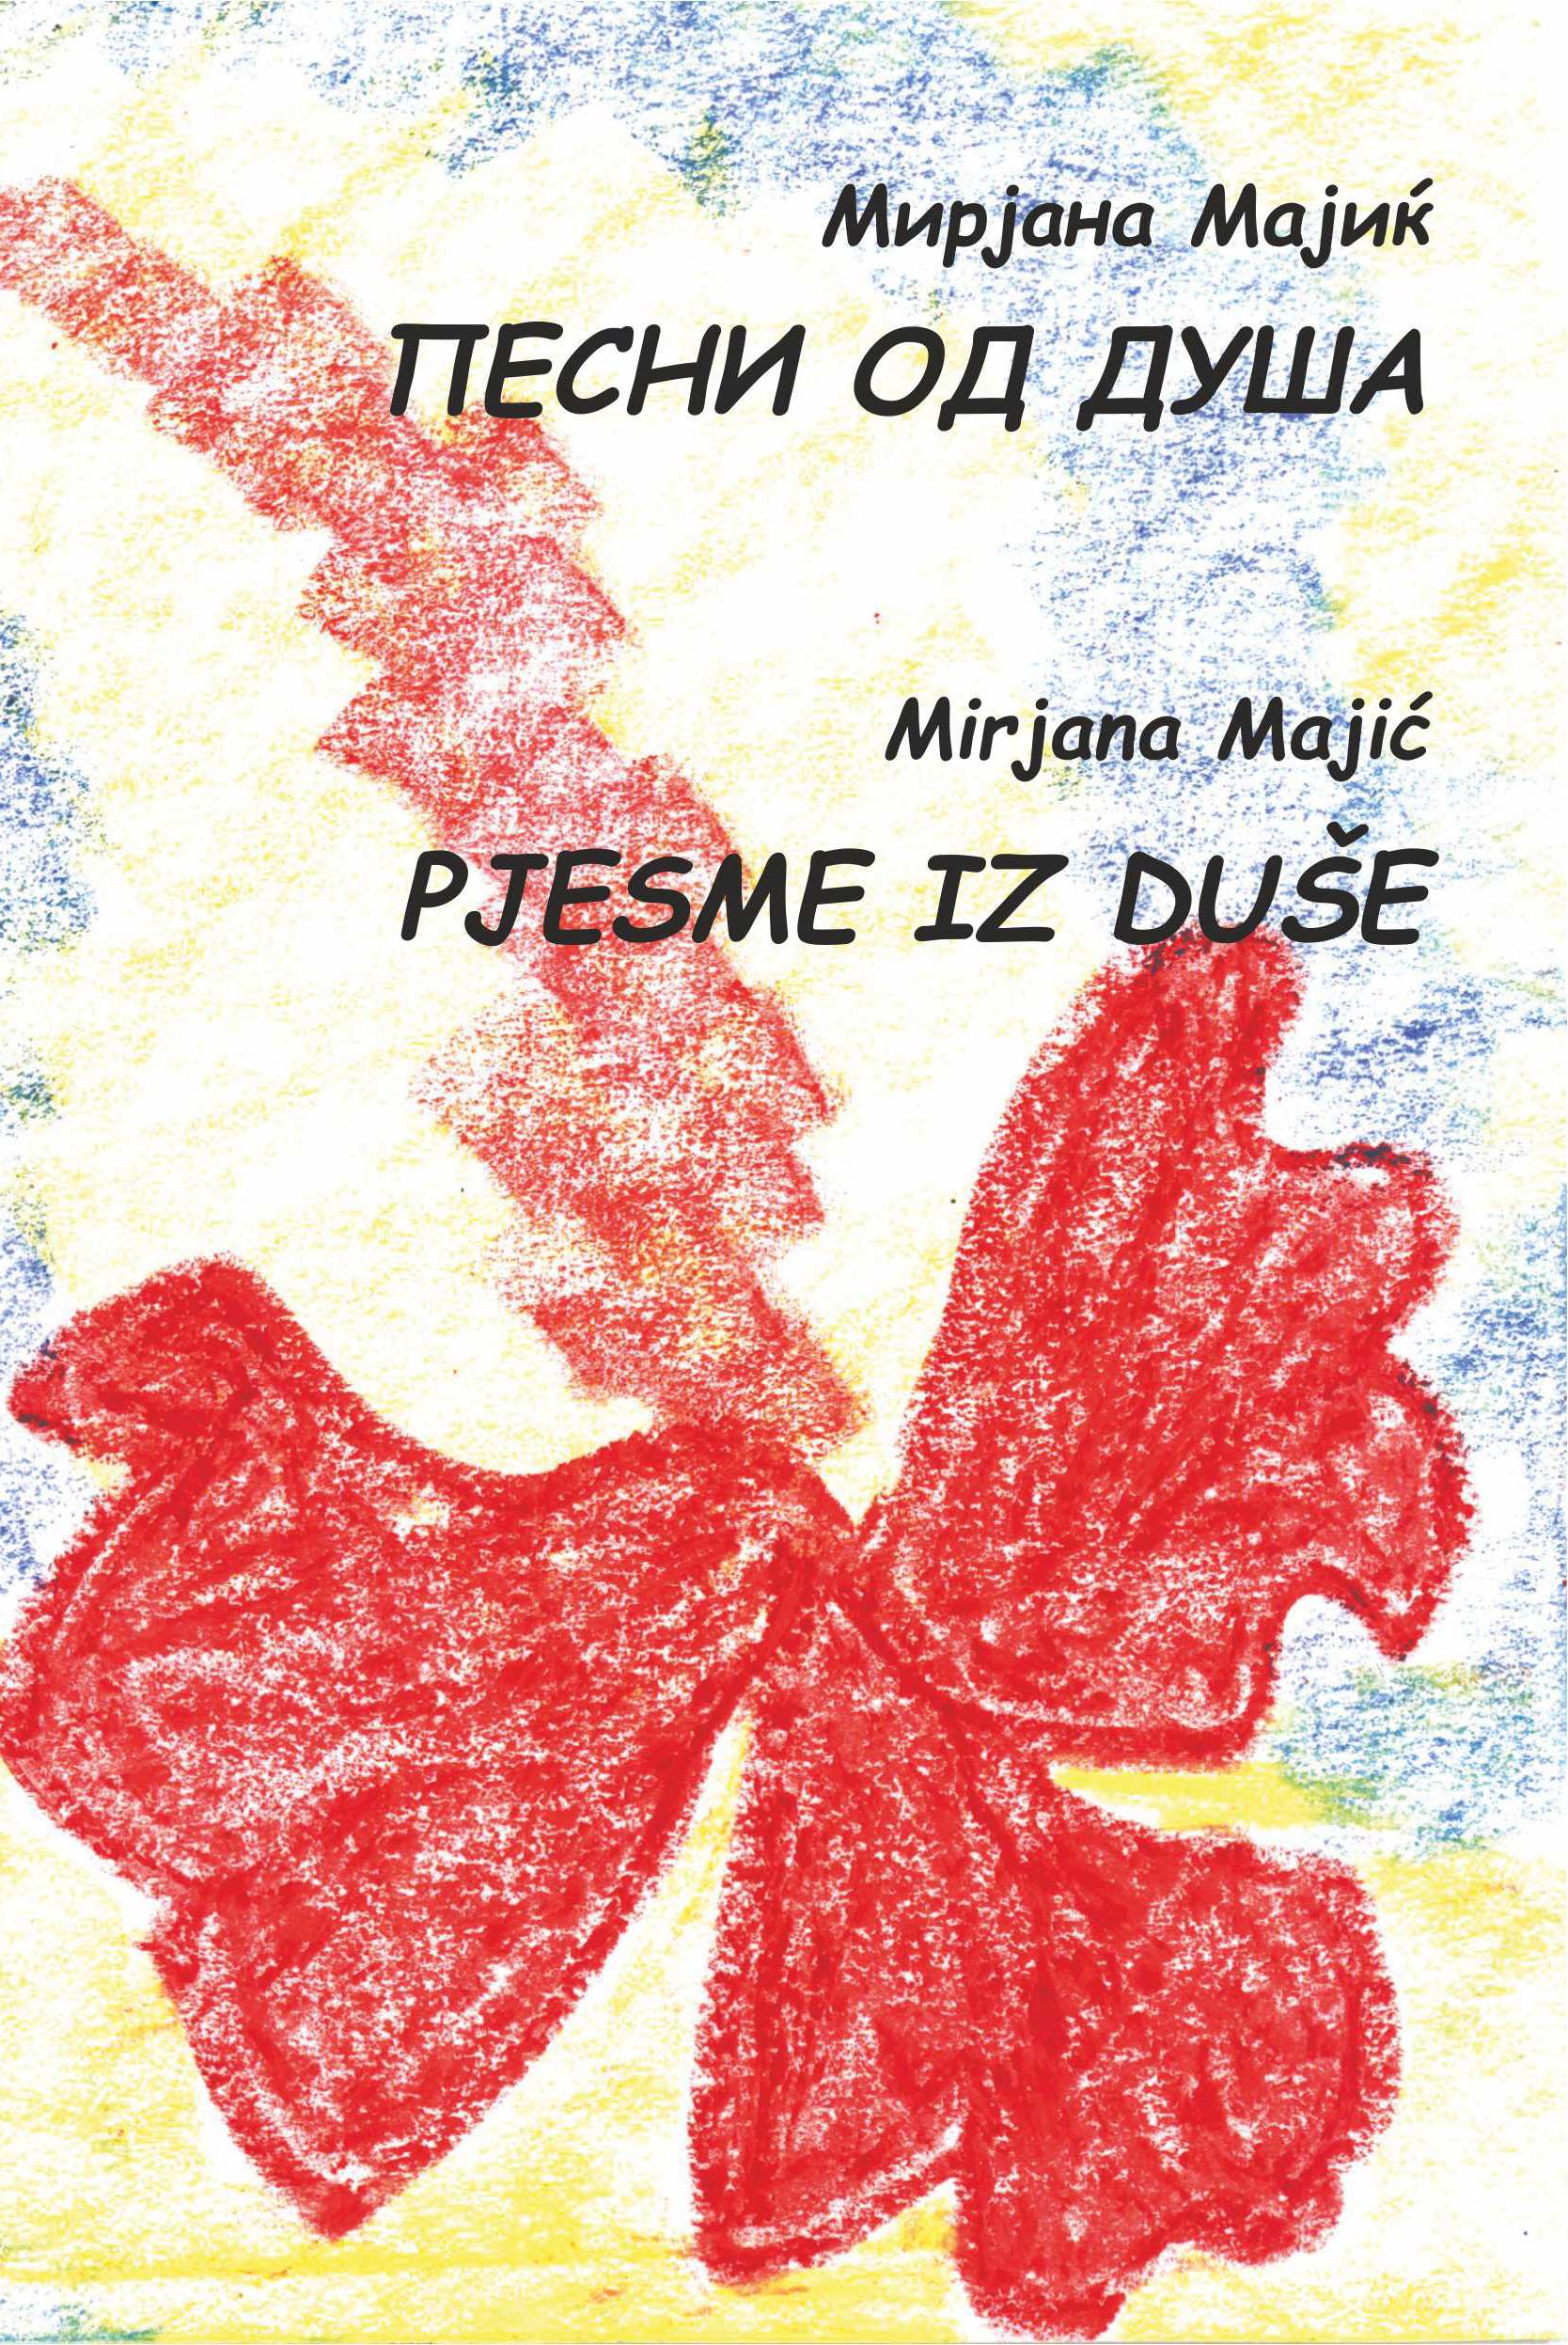 Pjesme iz duše - Mirjana Majić